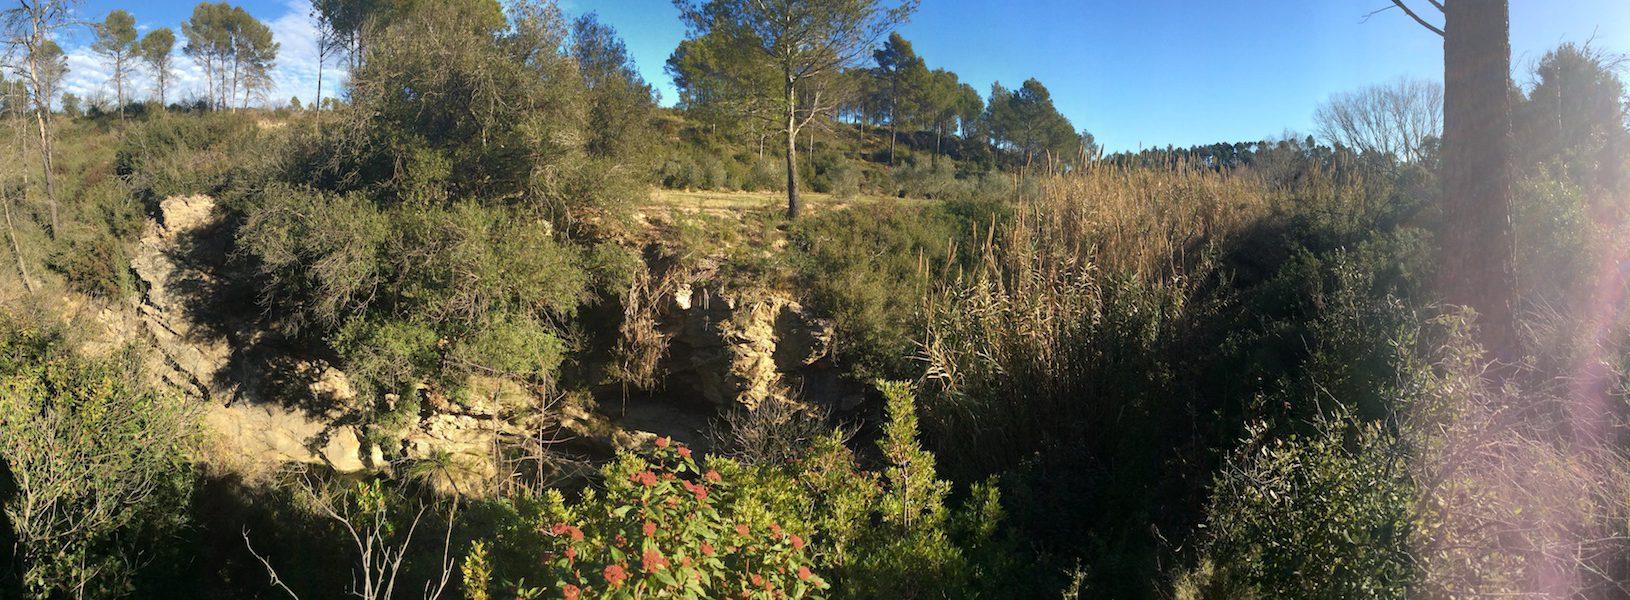 Vista del Valle de Les Escaules